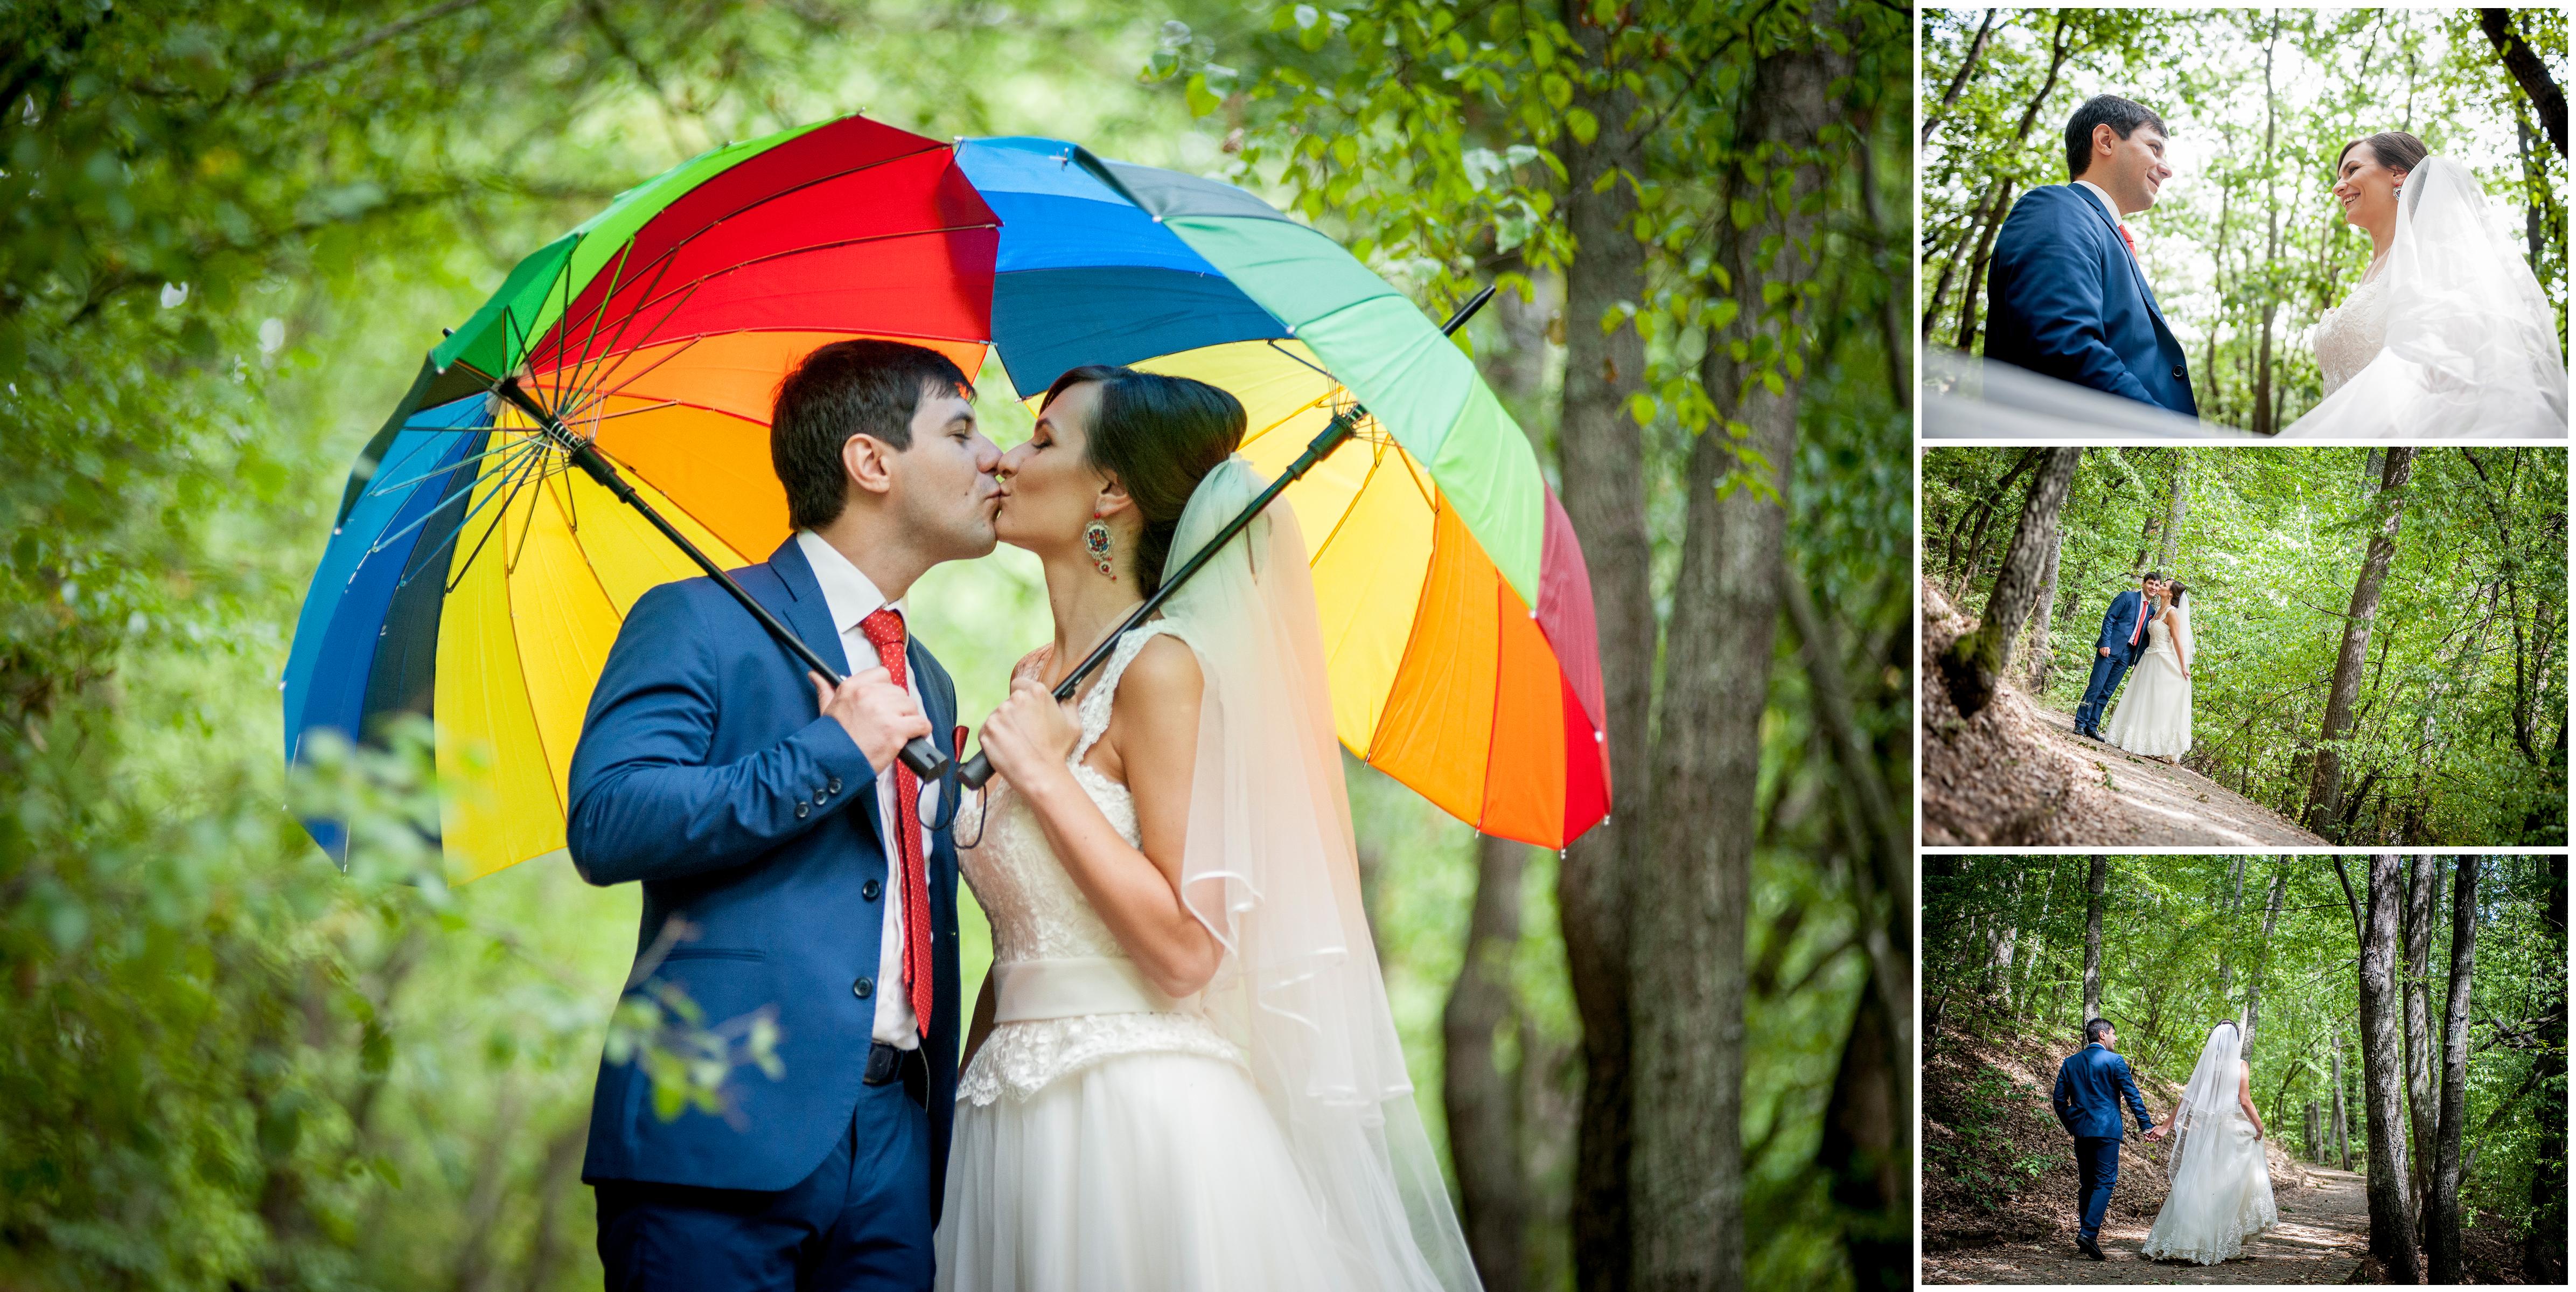 Сватбена фотокнига, сватбен фотограф, Пловдив, Панагюрище 2016-3-2